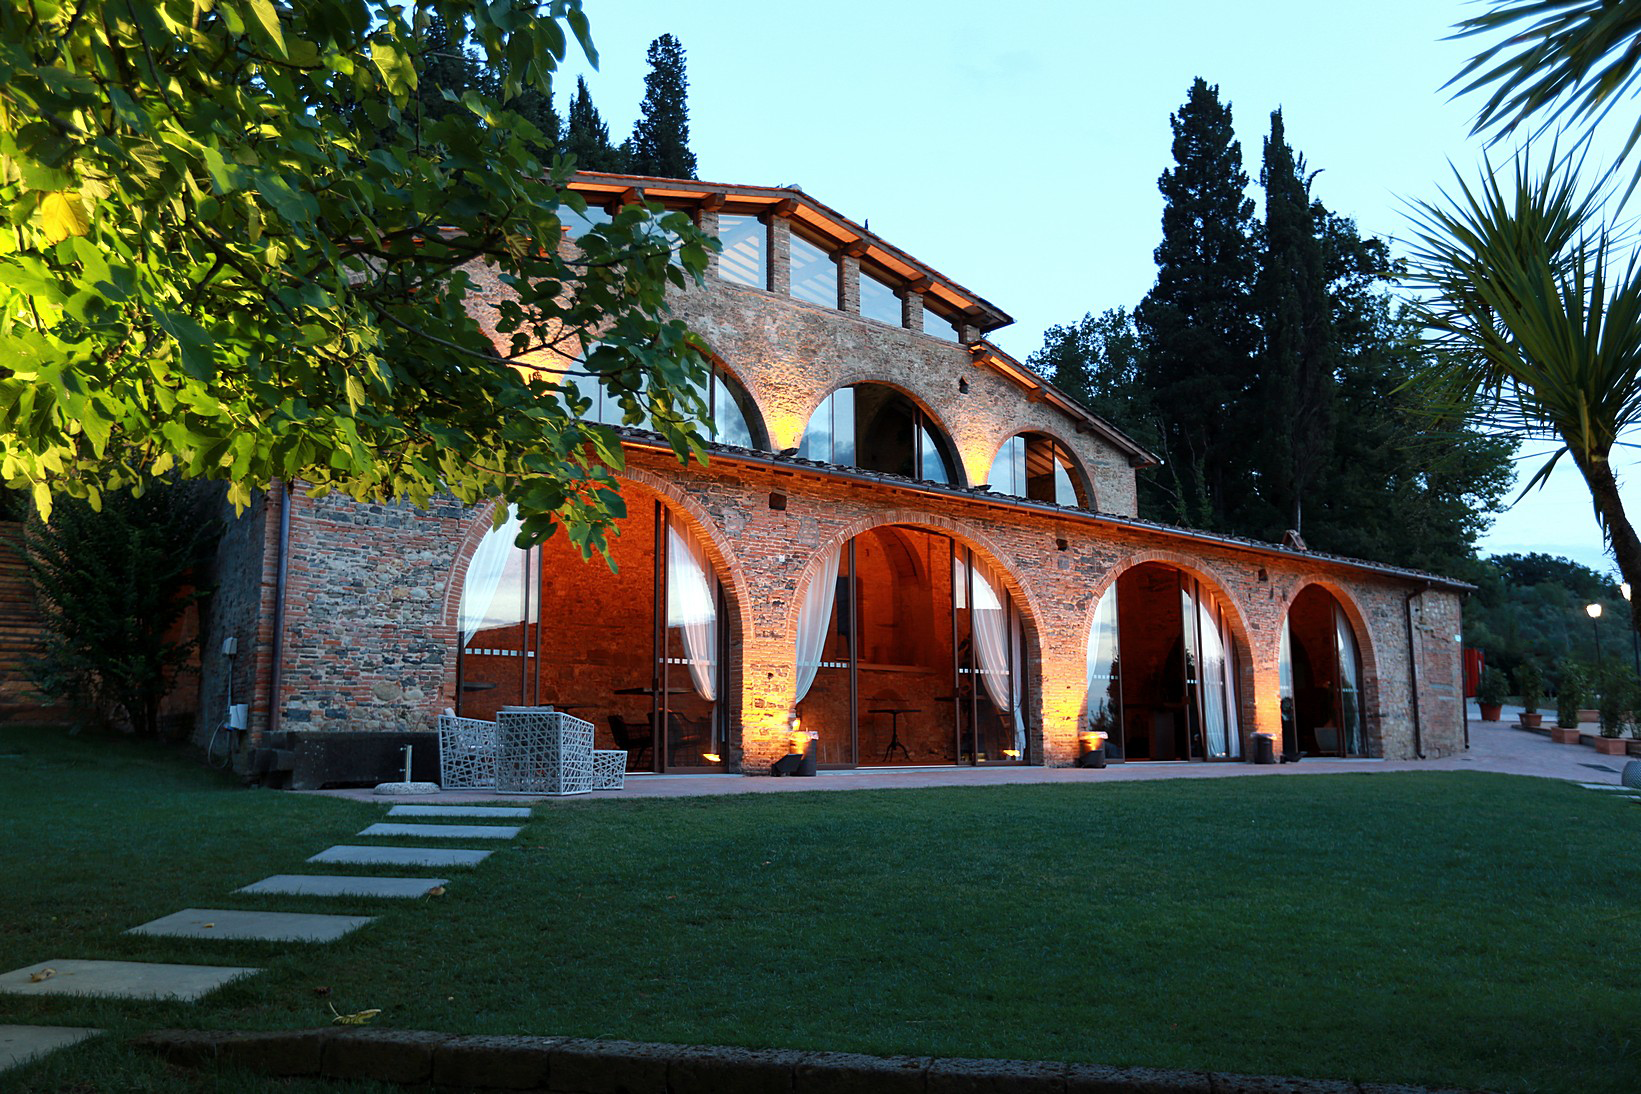 Top 3 reasons you'll love La Fornace Di Racciano